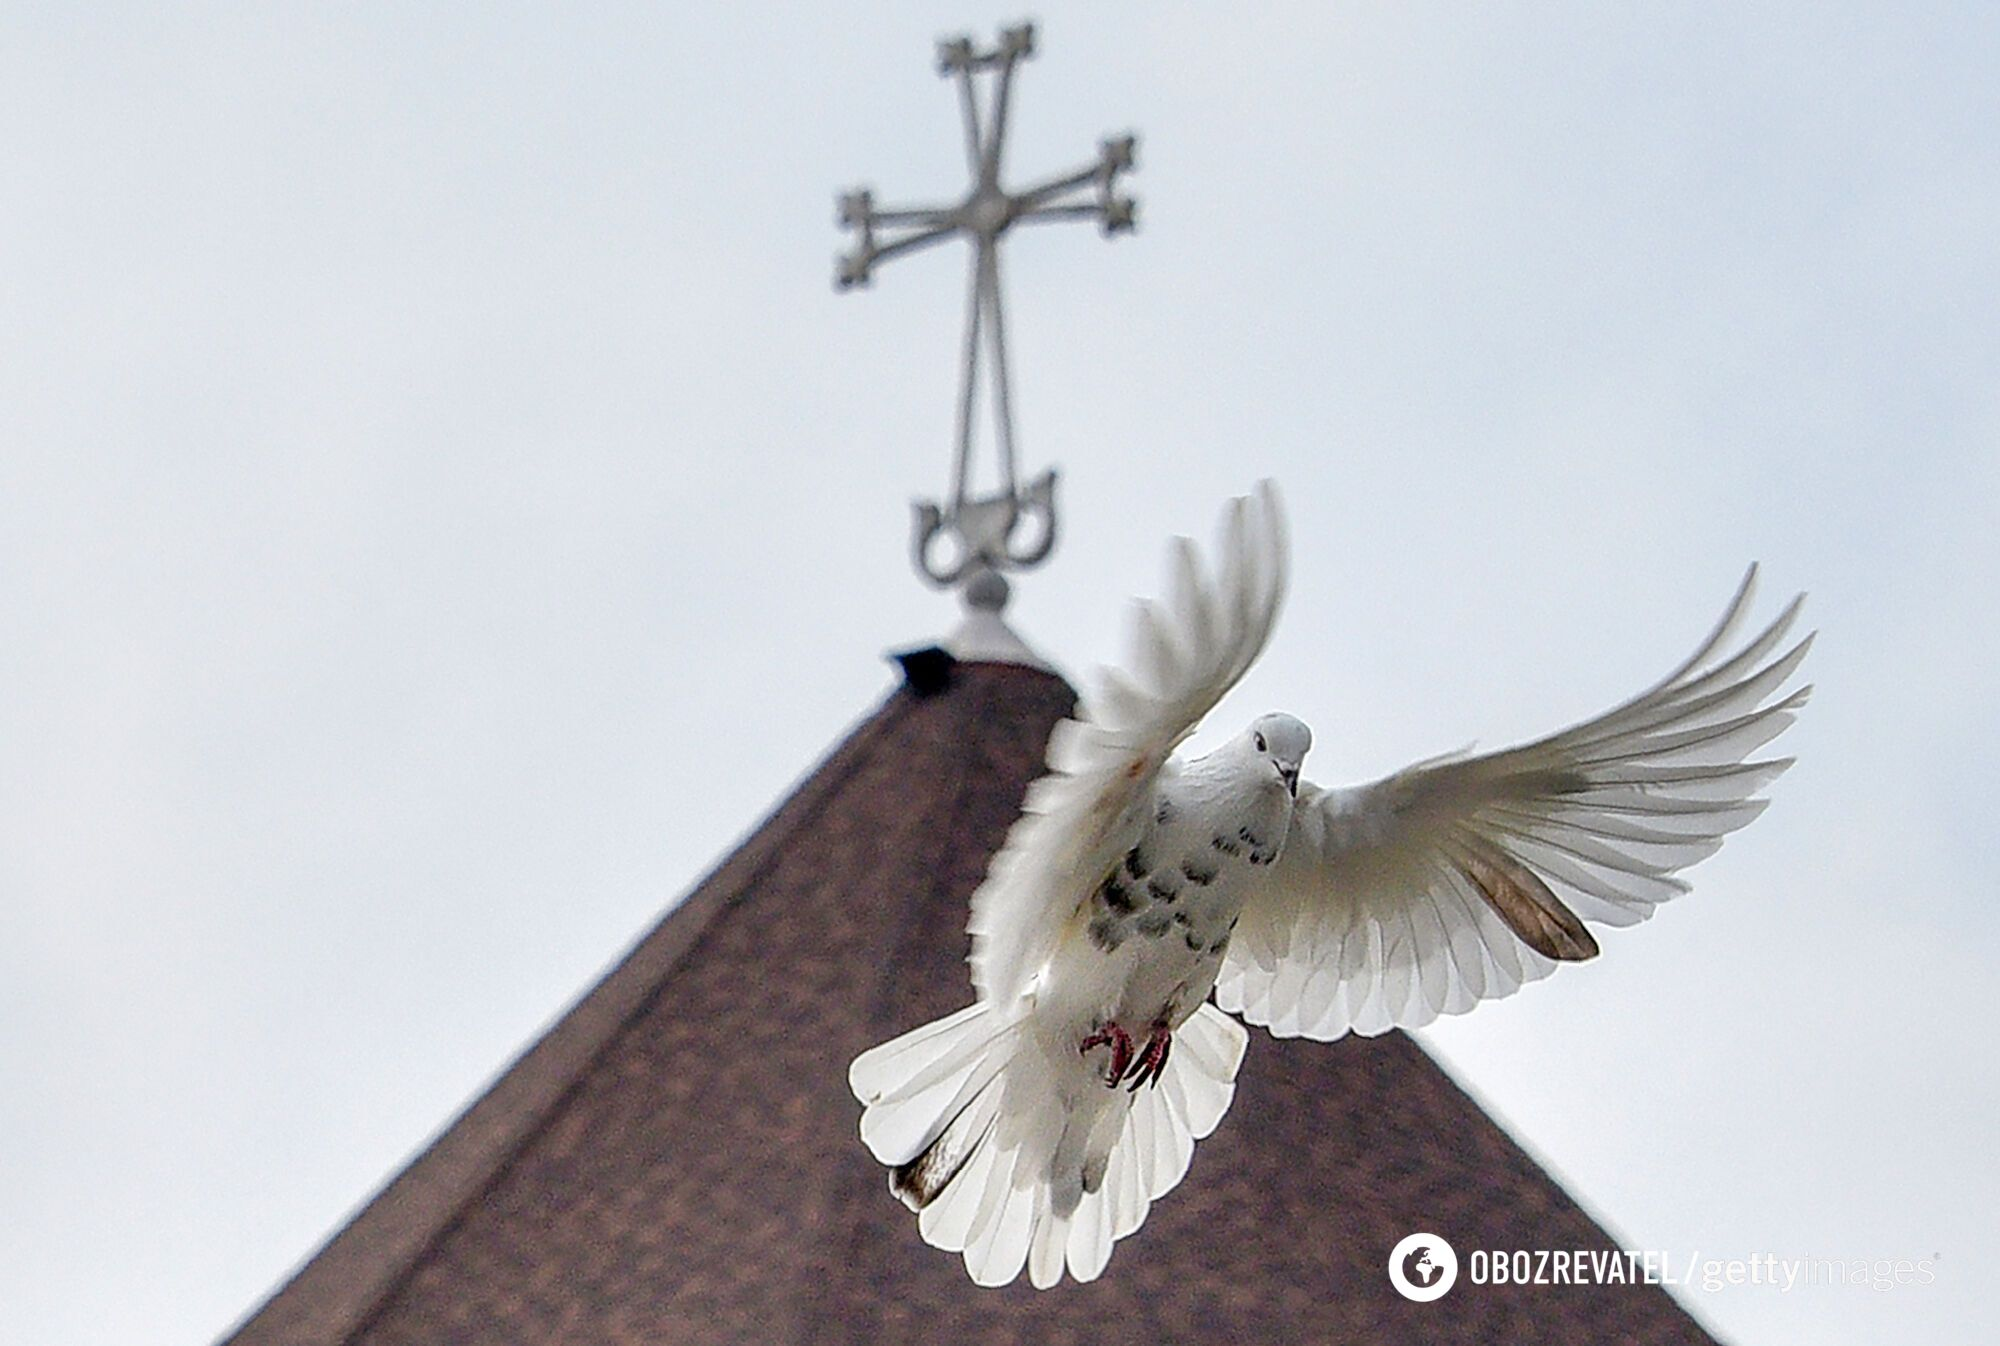 Після богослужіння на Благовіщення священики випускають у небо білих голубів